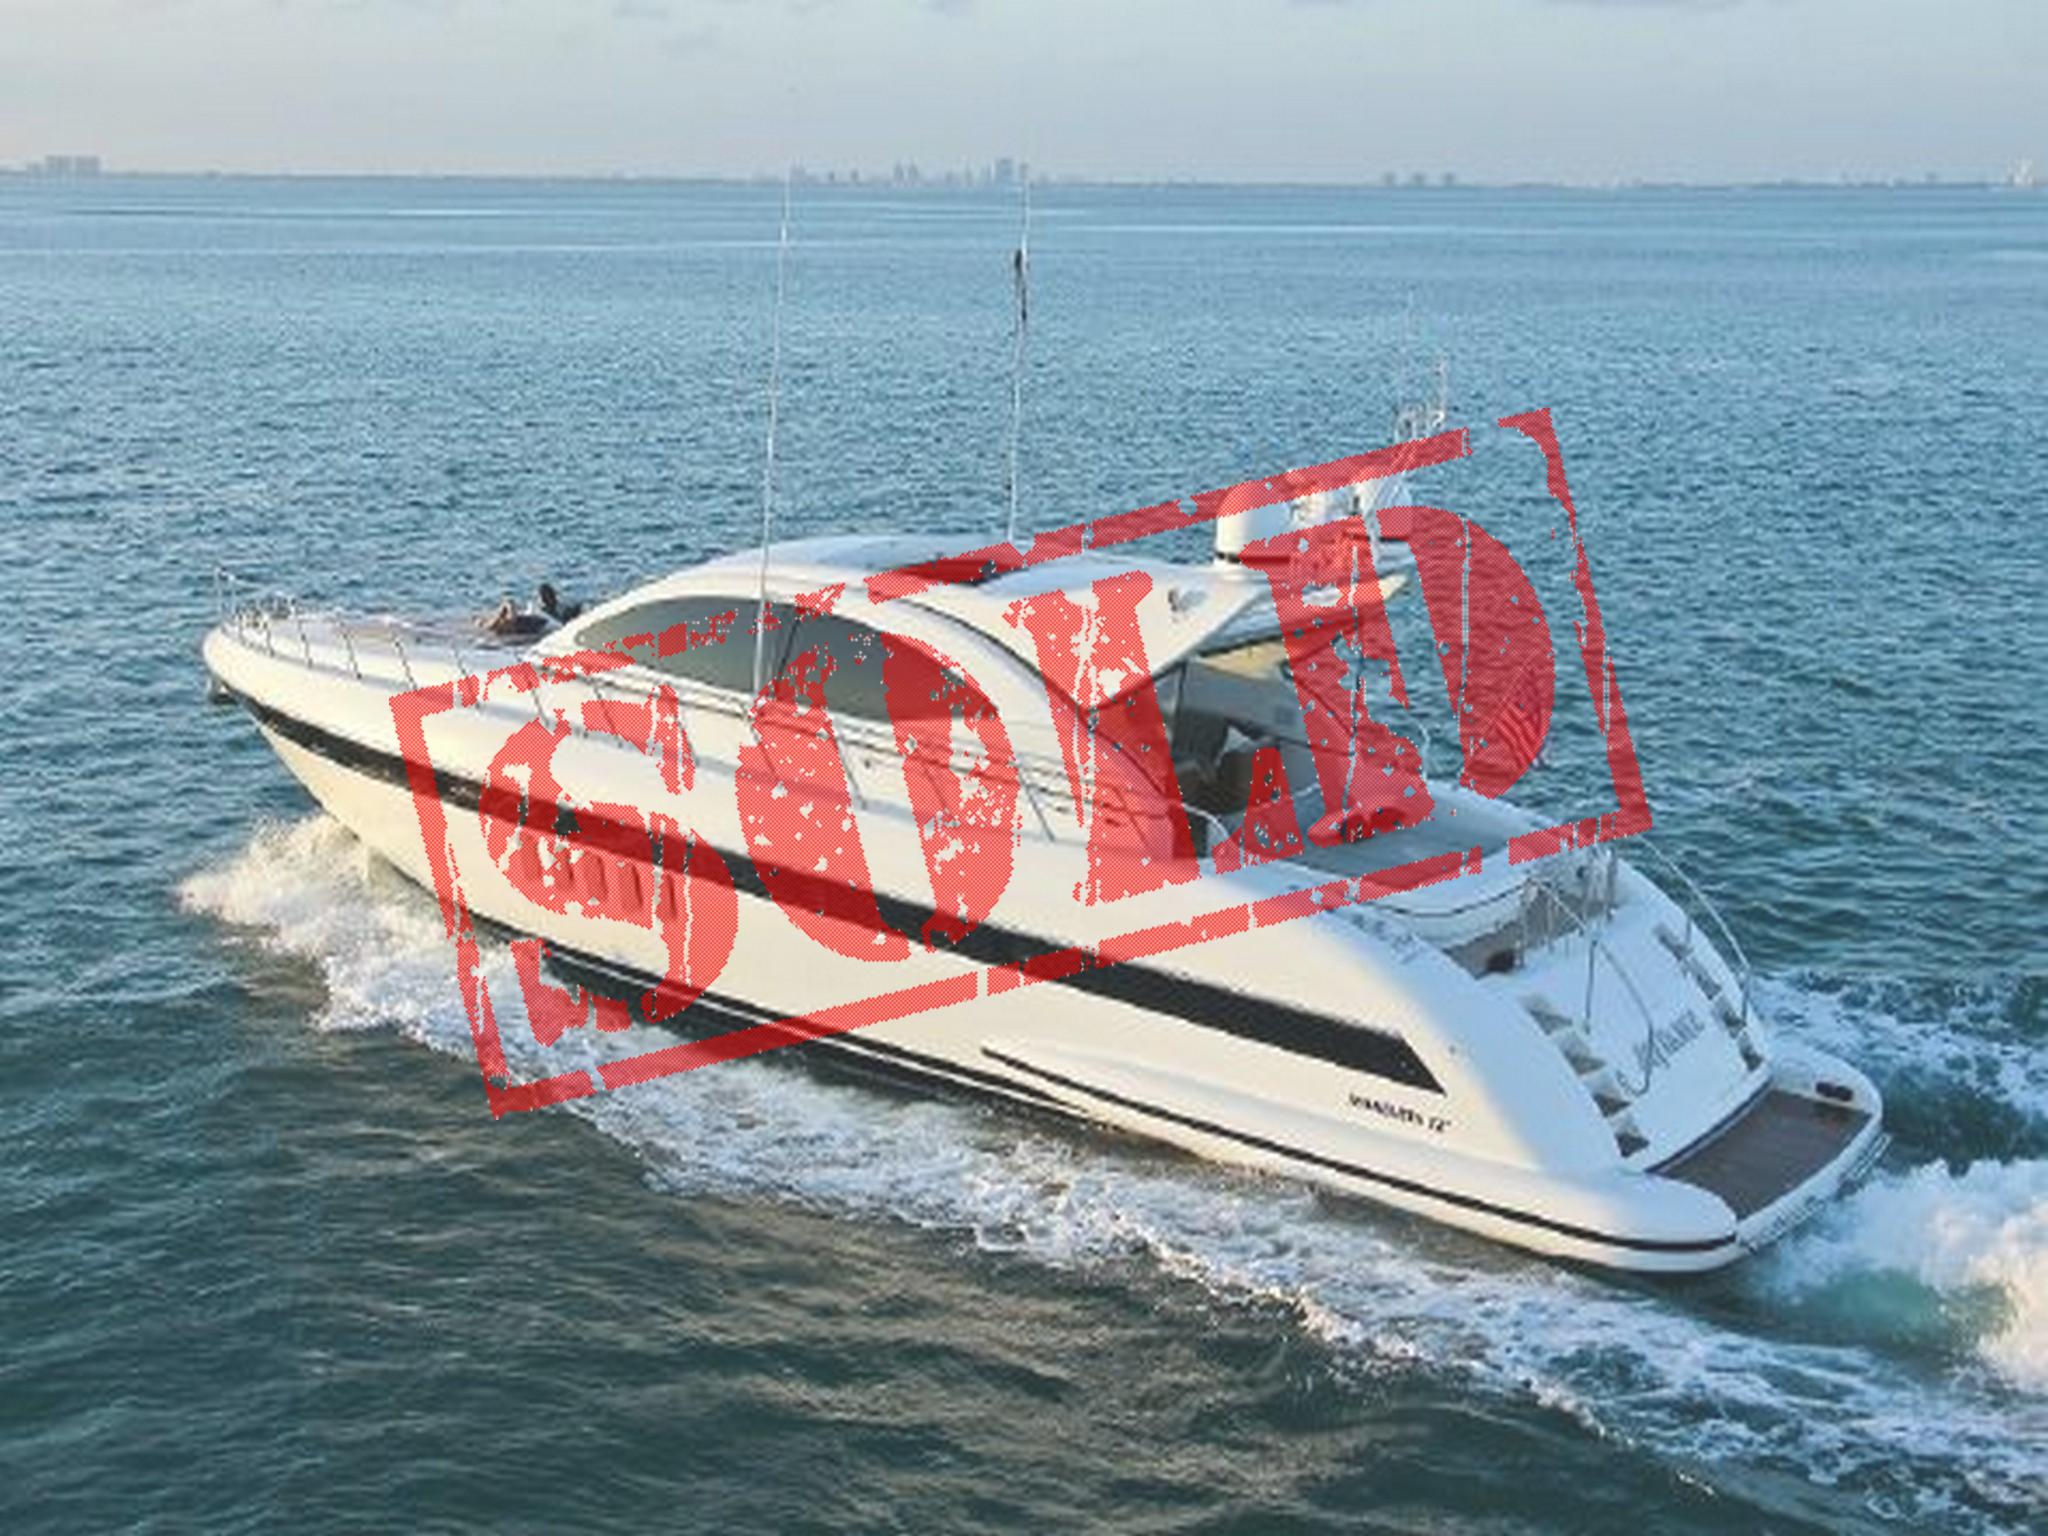 Mangusta 72 sold